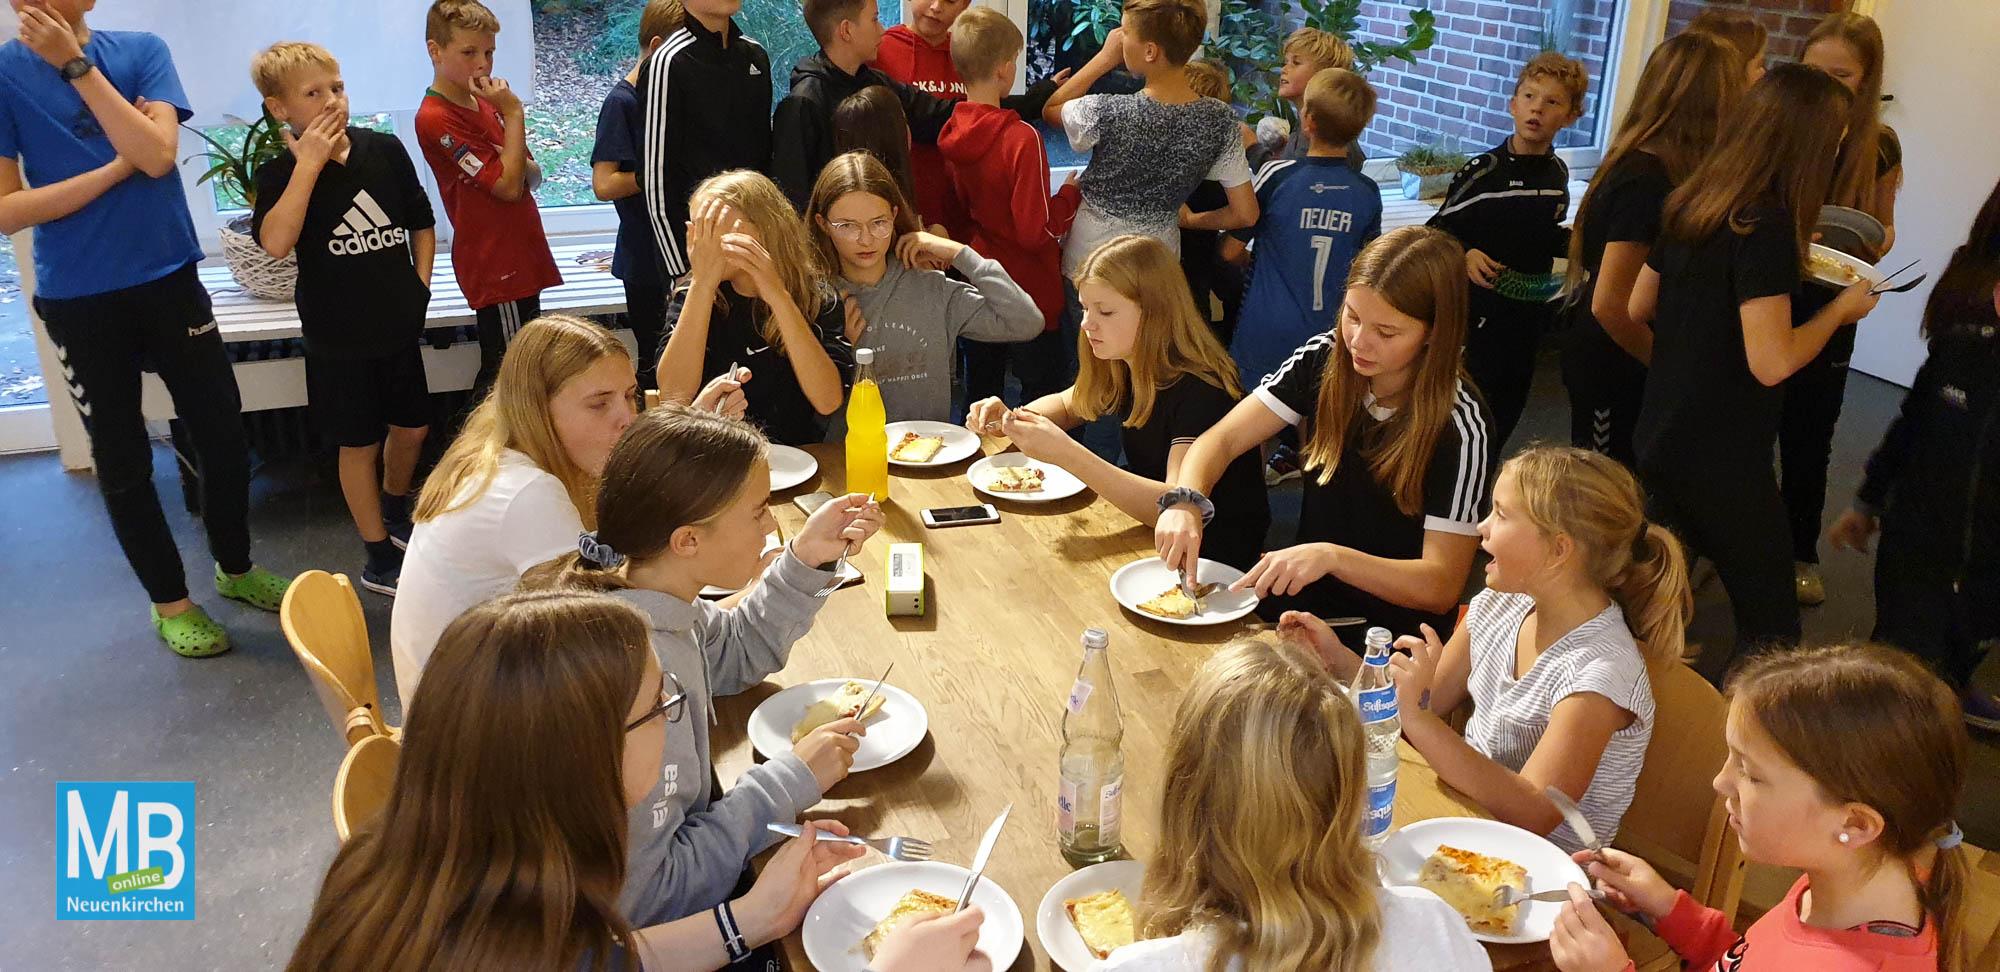 Über 100 Kinder verbrachten die beliebte Jugendfreizeit in einer Jugendherberge in Brüggen. | Foto: Kaumanns